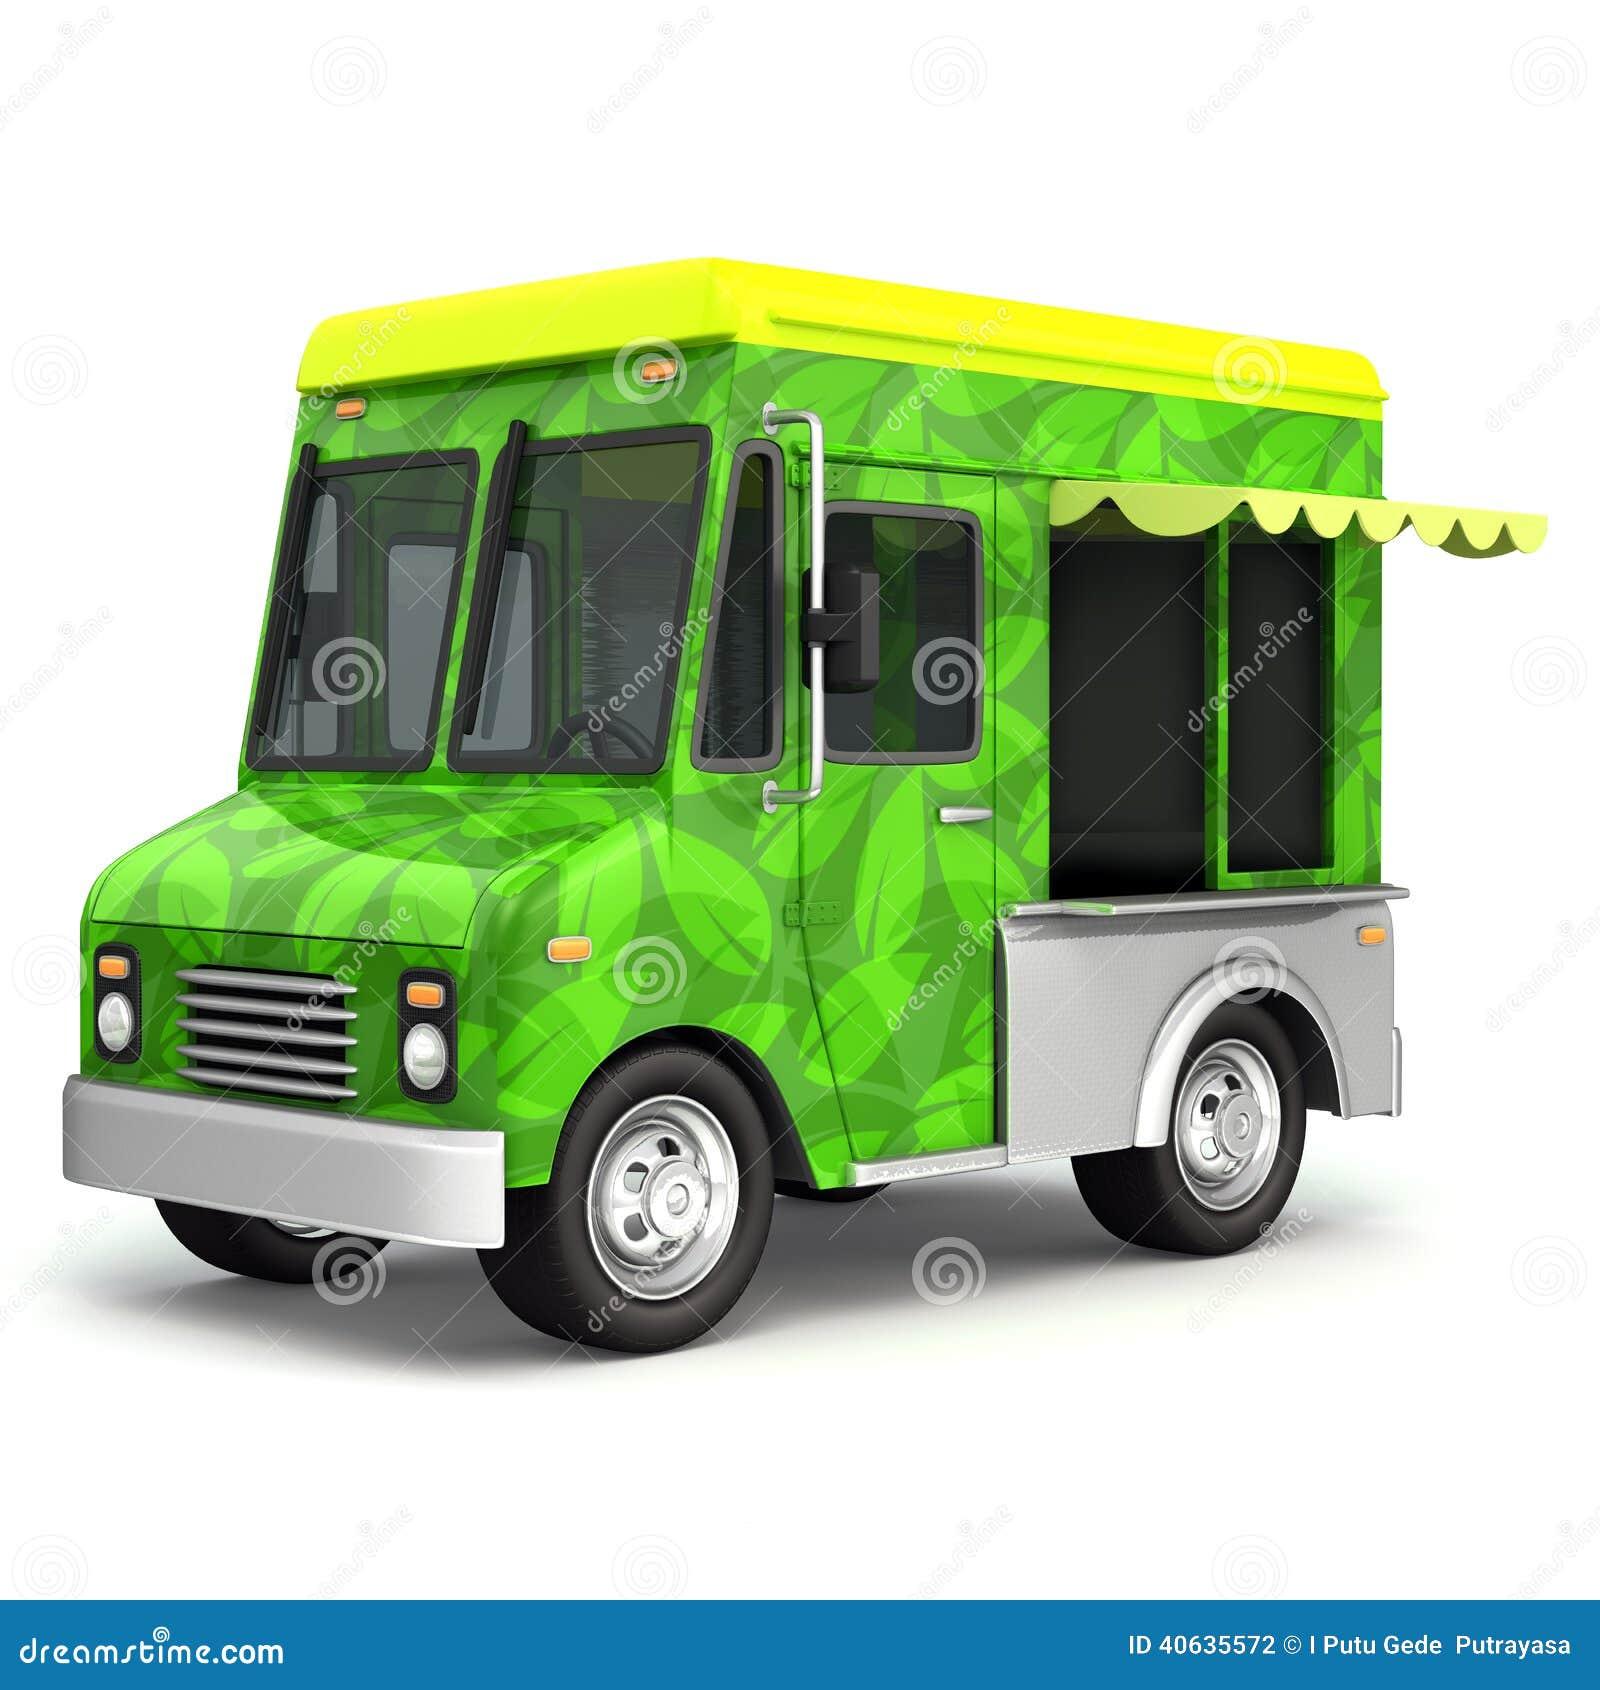 eco green food truck side stock illustration illustration of food 40635572. Black Bedroom Furniture Sets. Home Design Ideas